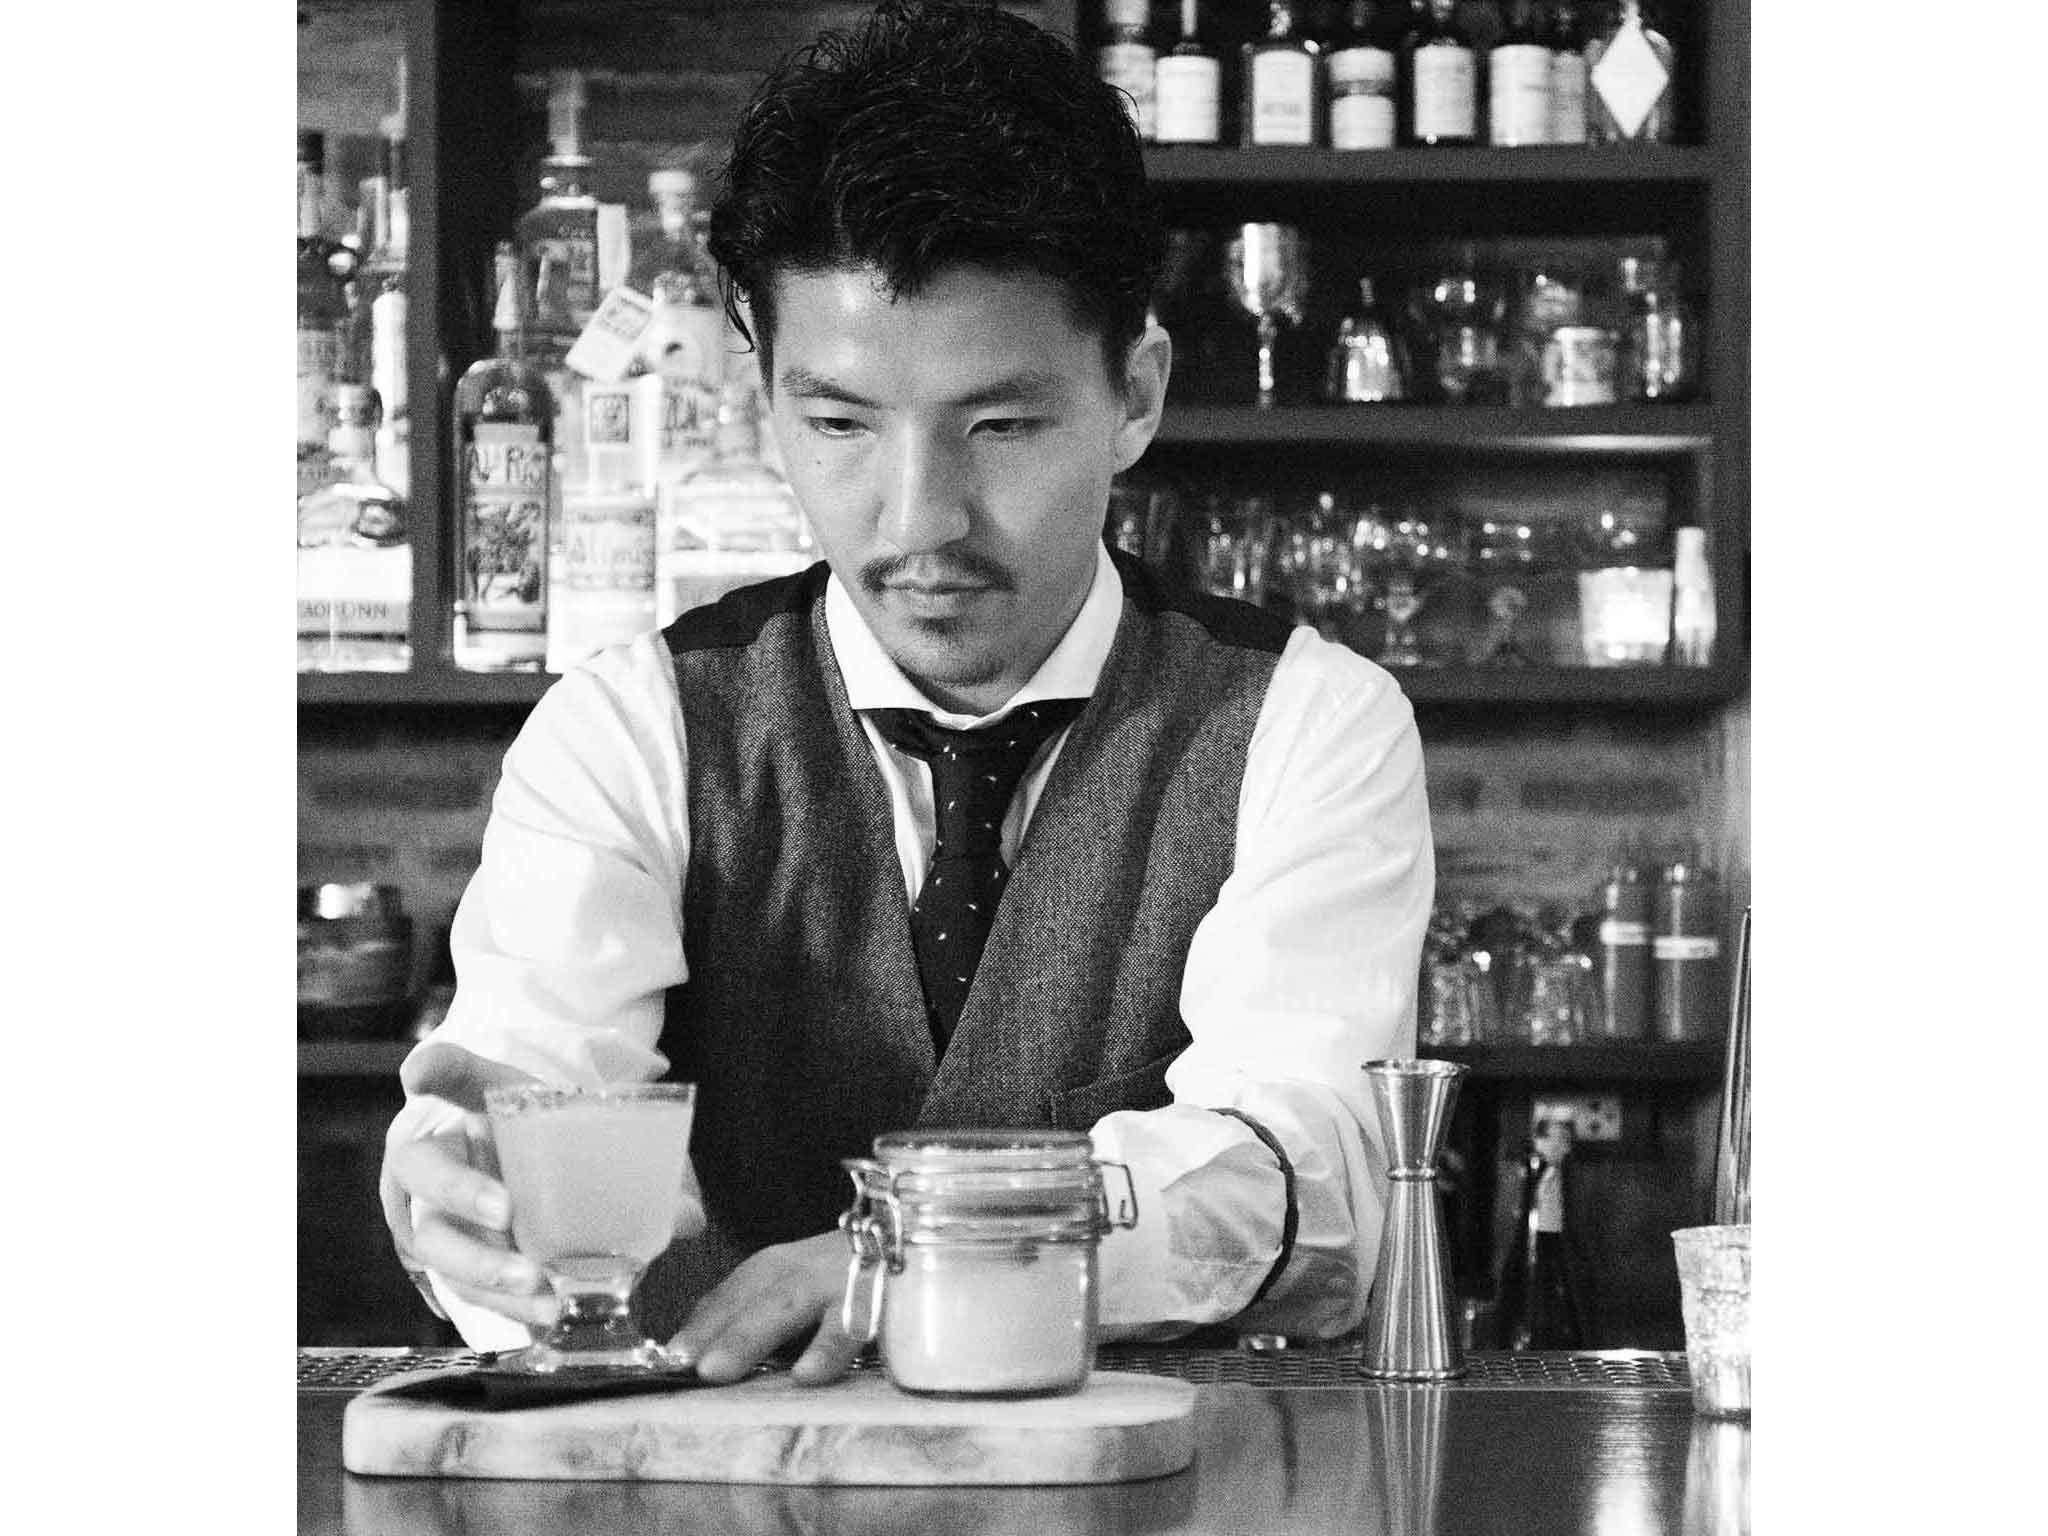 Hideyuki Saito